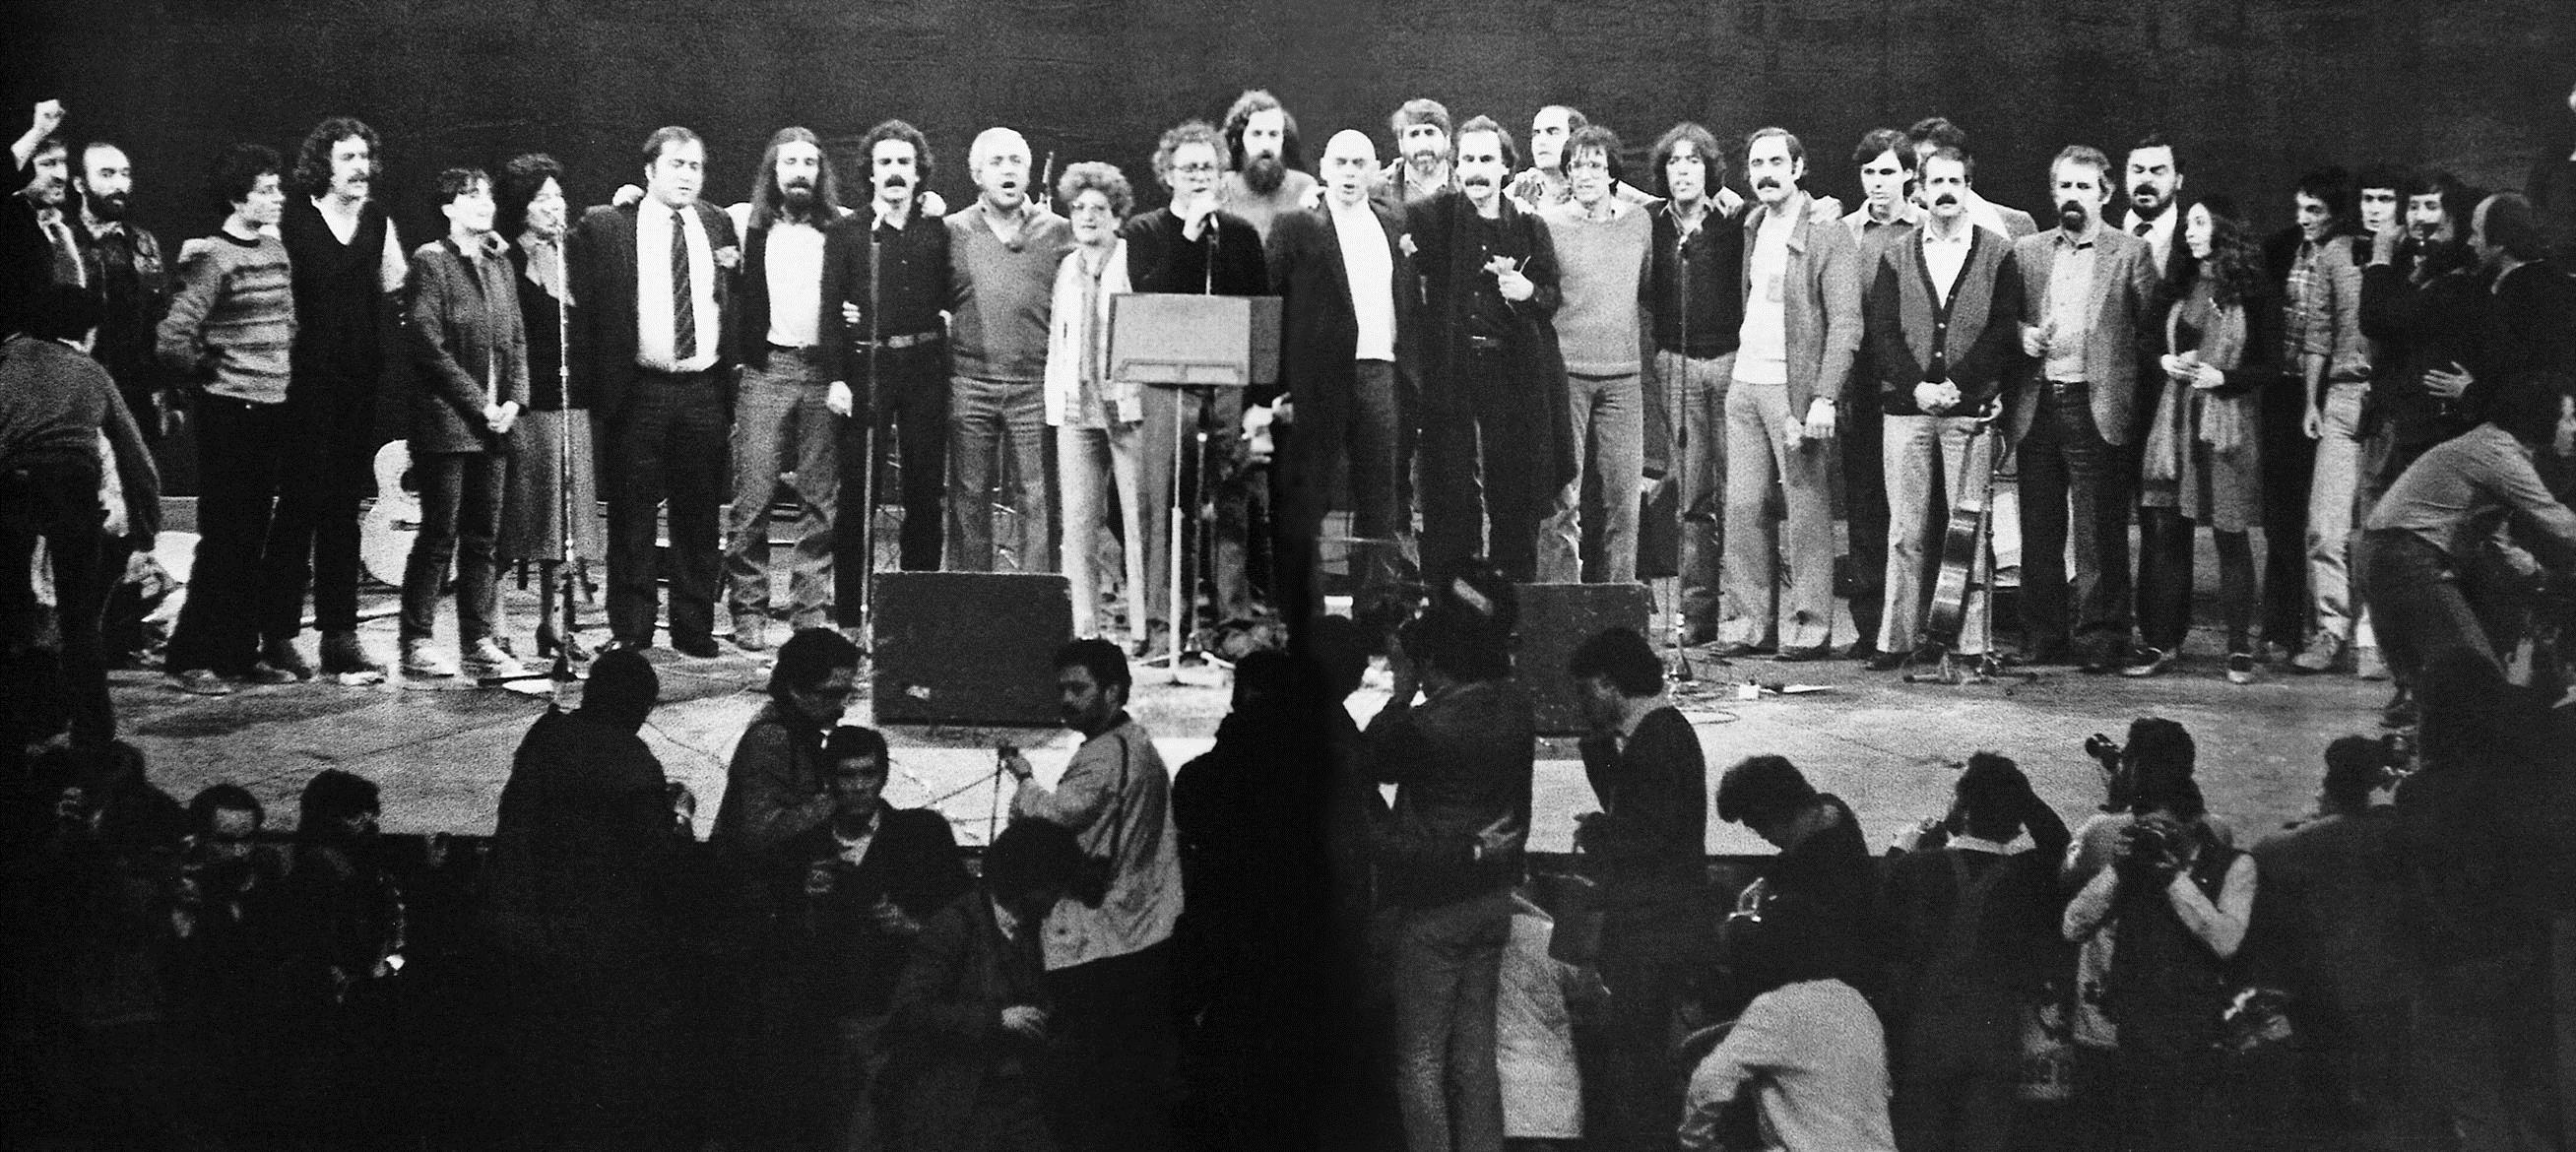 PÚBLICO - A fotografia de família que juntou palco e plateia no final de um concerto memorável